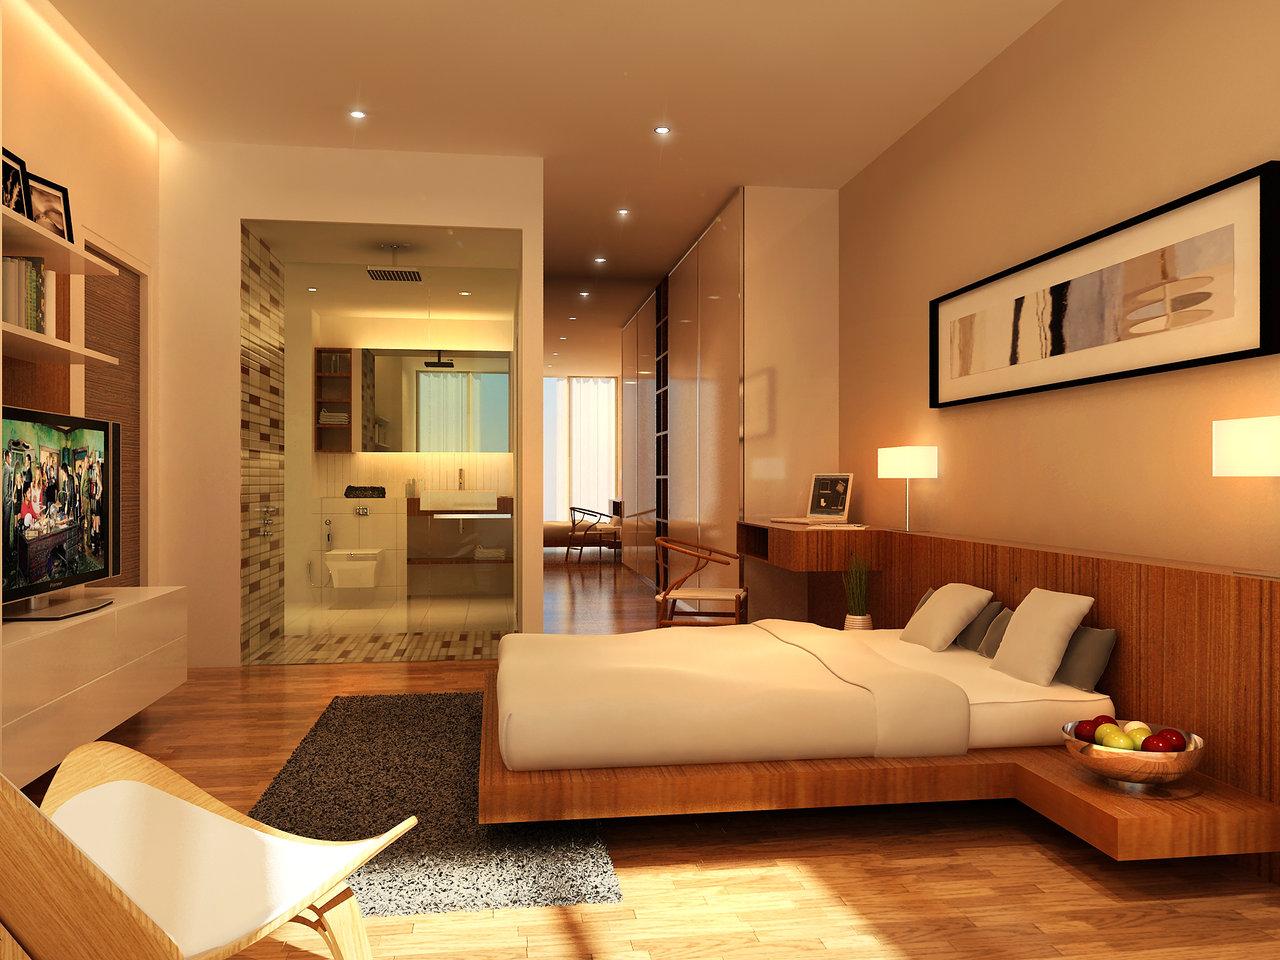 Minh họa căn hộ 4 phòng ngủ - Nguồn Internet